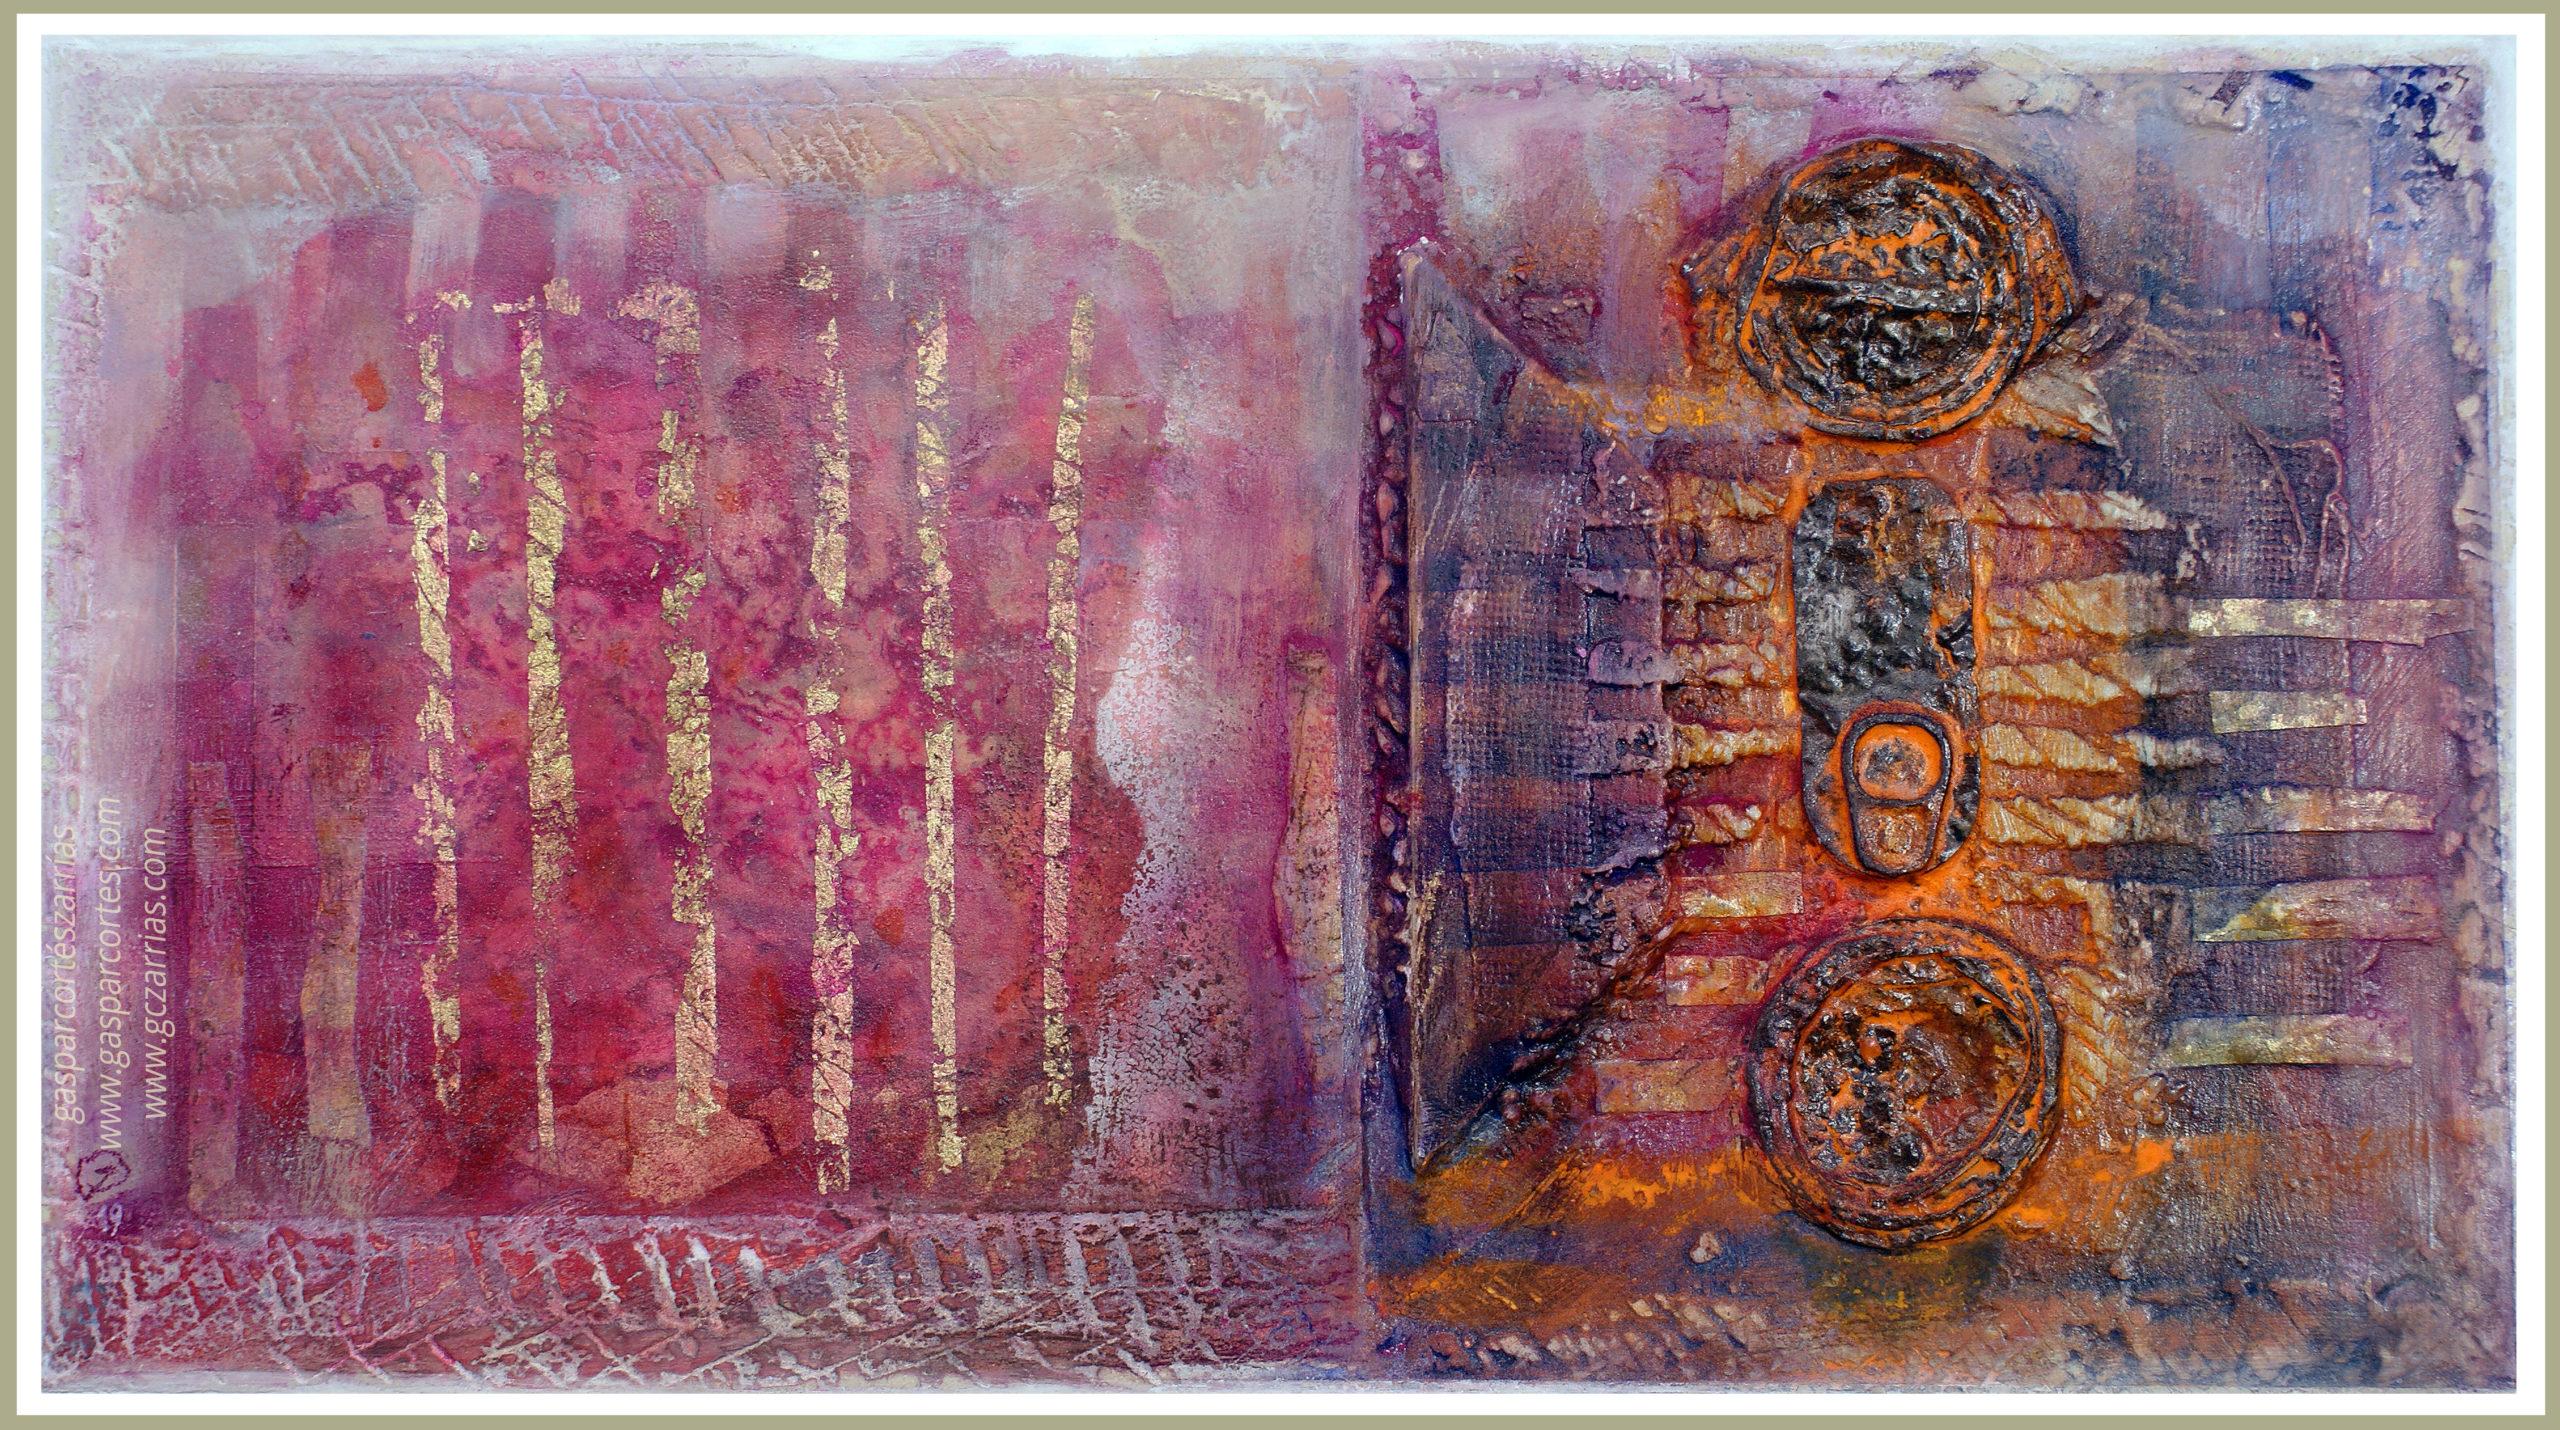 BREVE SECUENCIA DE TIEMPO III. Metal oxidado, metacrilato, madera, objetos diversos, polvo de mármol, esmalte, óleo, ácido, pan de oro... sobre madera ensamblada y preparada. 31,5x56,5cm. Dic 2019.